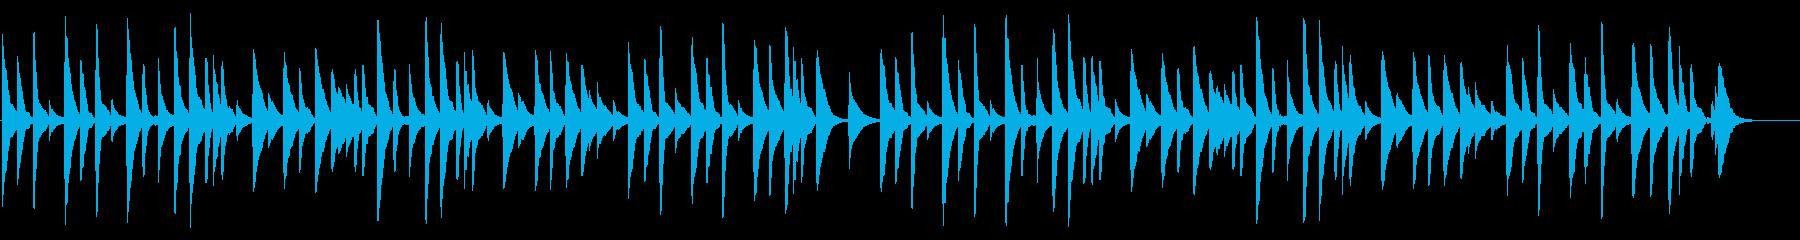 さくら さくら 18弁オルゴールの再生済みの波形